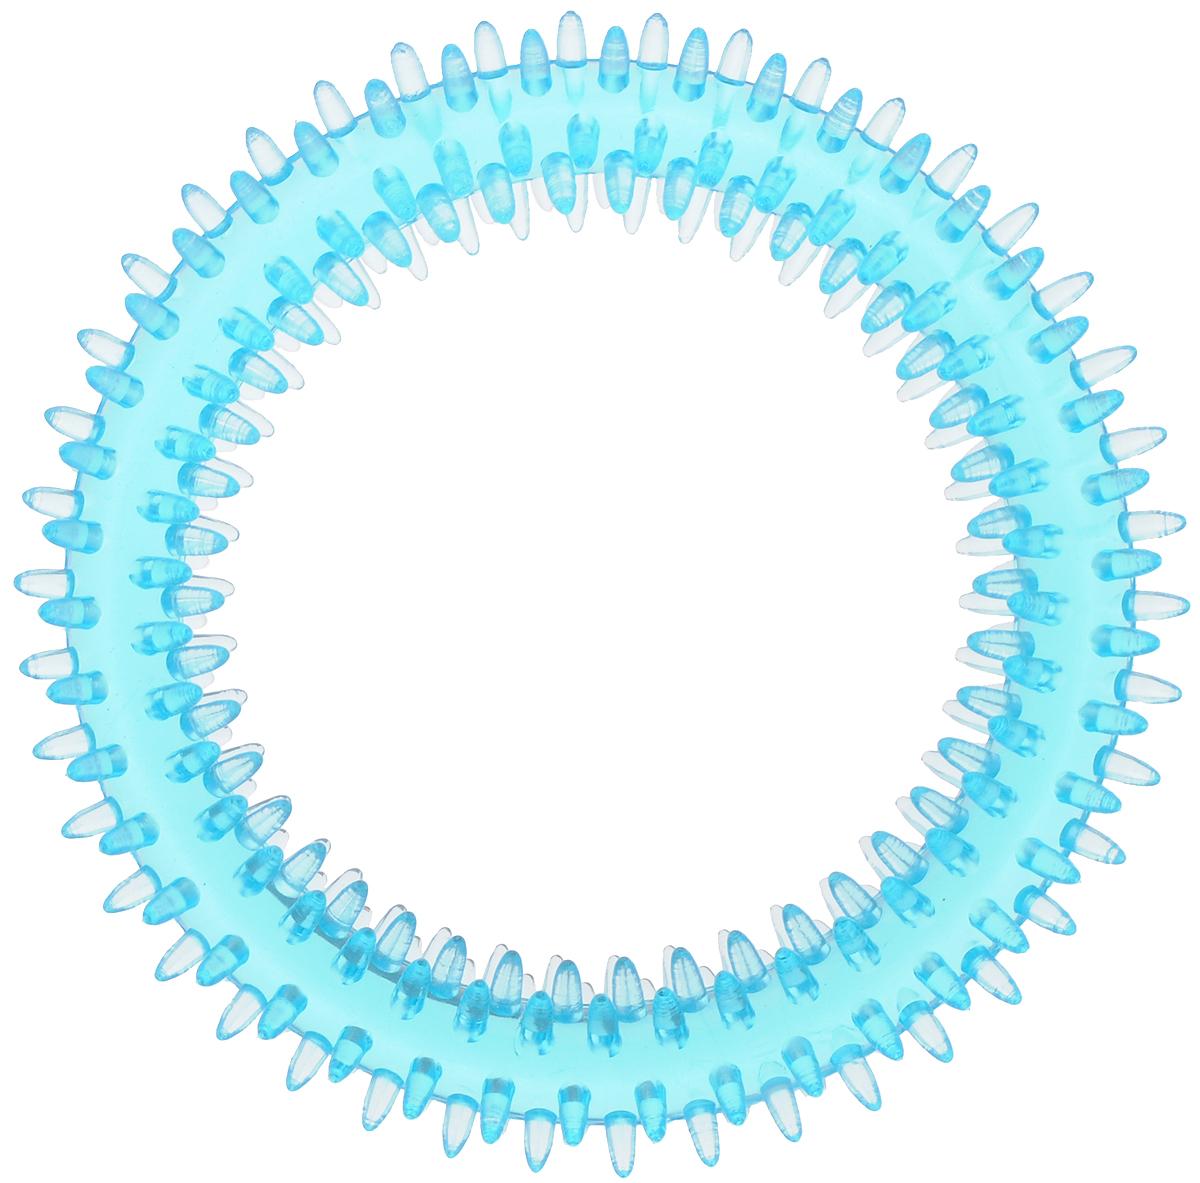 Игрушка для собак Каскад Кольцо шипованное для чистки зубов, цвет: голубой, диаметр 12 см27799327Игрушка для собак Каскад Кольцо шипованное для чистки зубов, изготовленная из акрила, обязательно понравится вашей собаке. Игрушка снабжена специальными шипами, которые помогают эффективно очищать зубы и массировать десны. Игрушка отличается прочностью и в то же время гибкостью и эластичностью.